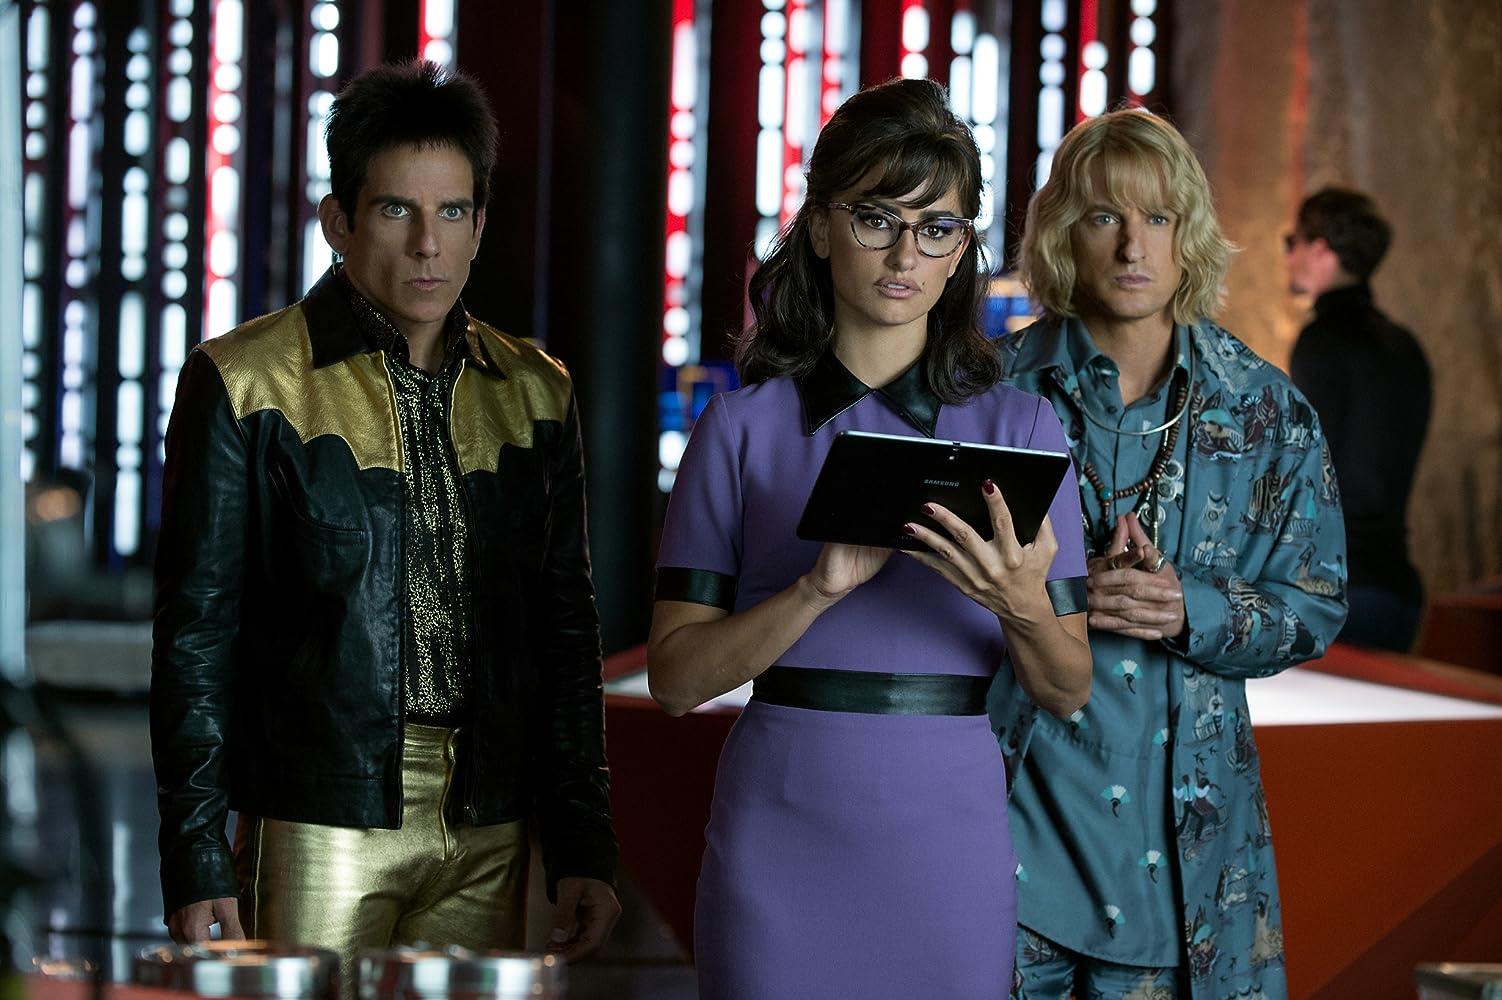 Ben Stiller, Penélope Cruz, and Owen Wilson in Zoolander 2 (2016)